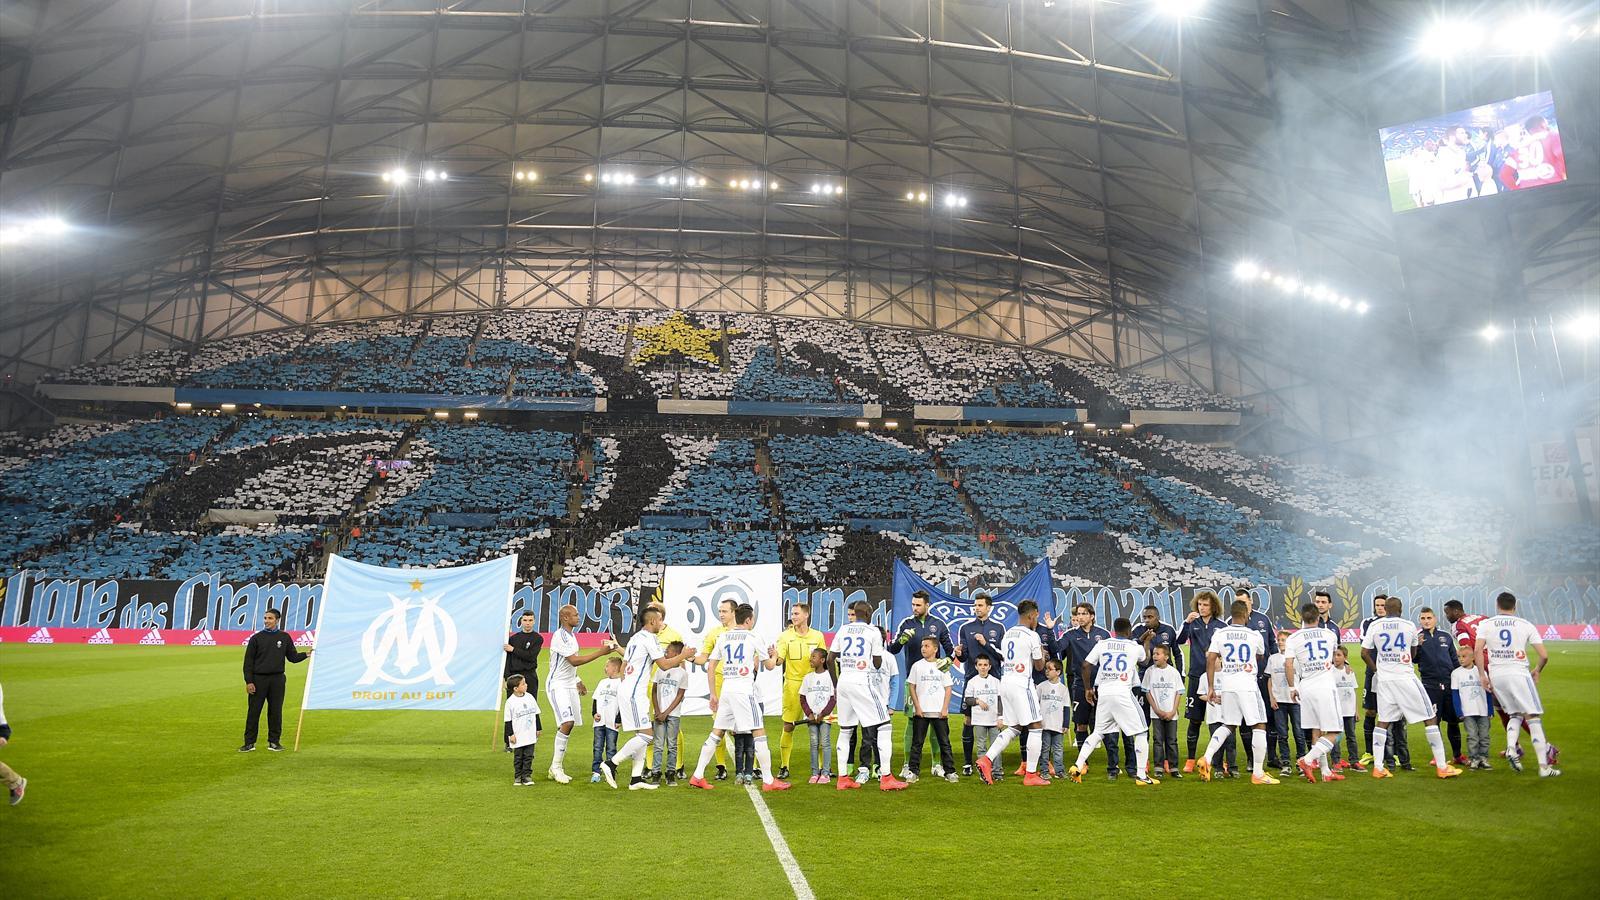 Om psg le tifo exceptionnel du stade v lodrome ligue 1 for Porte 7 stade velodrome